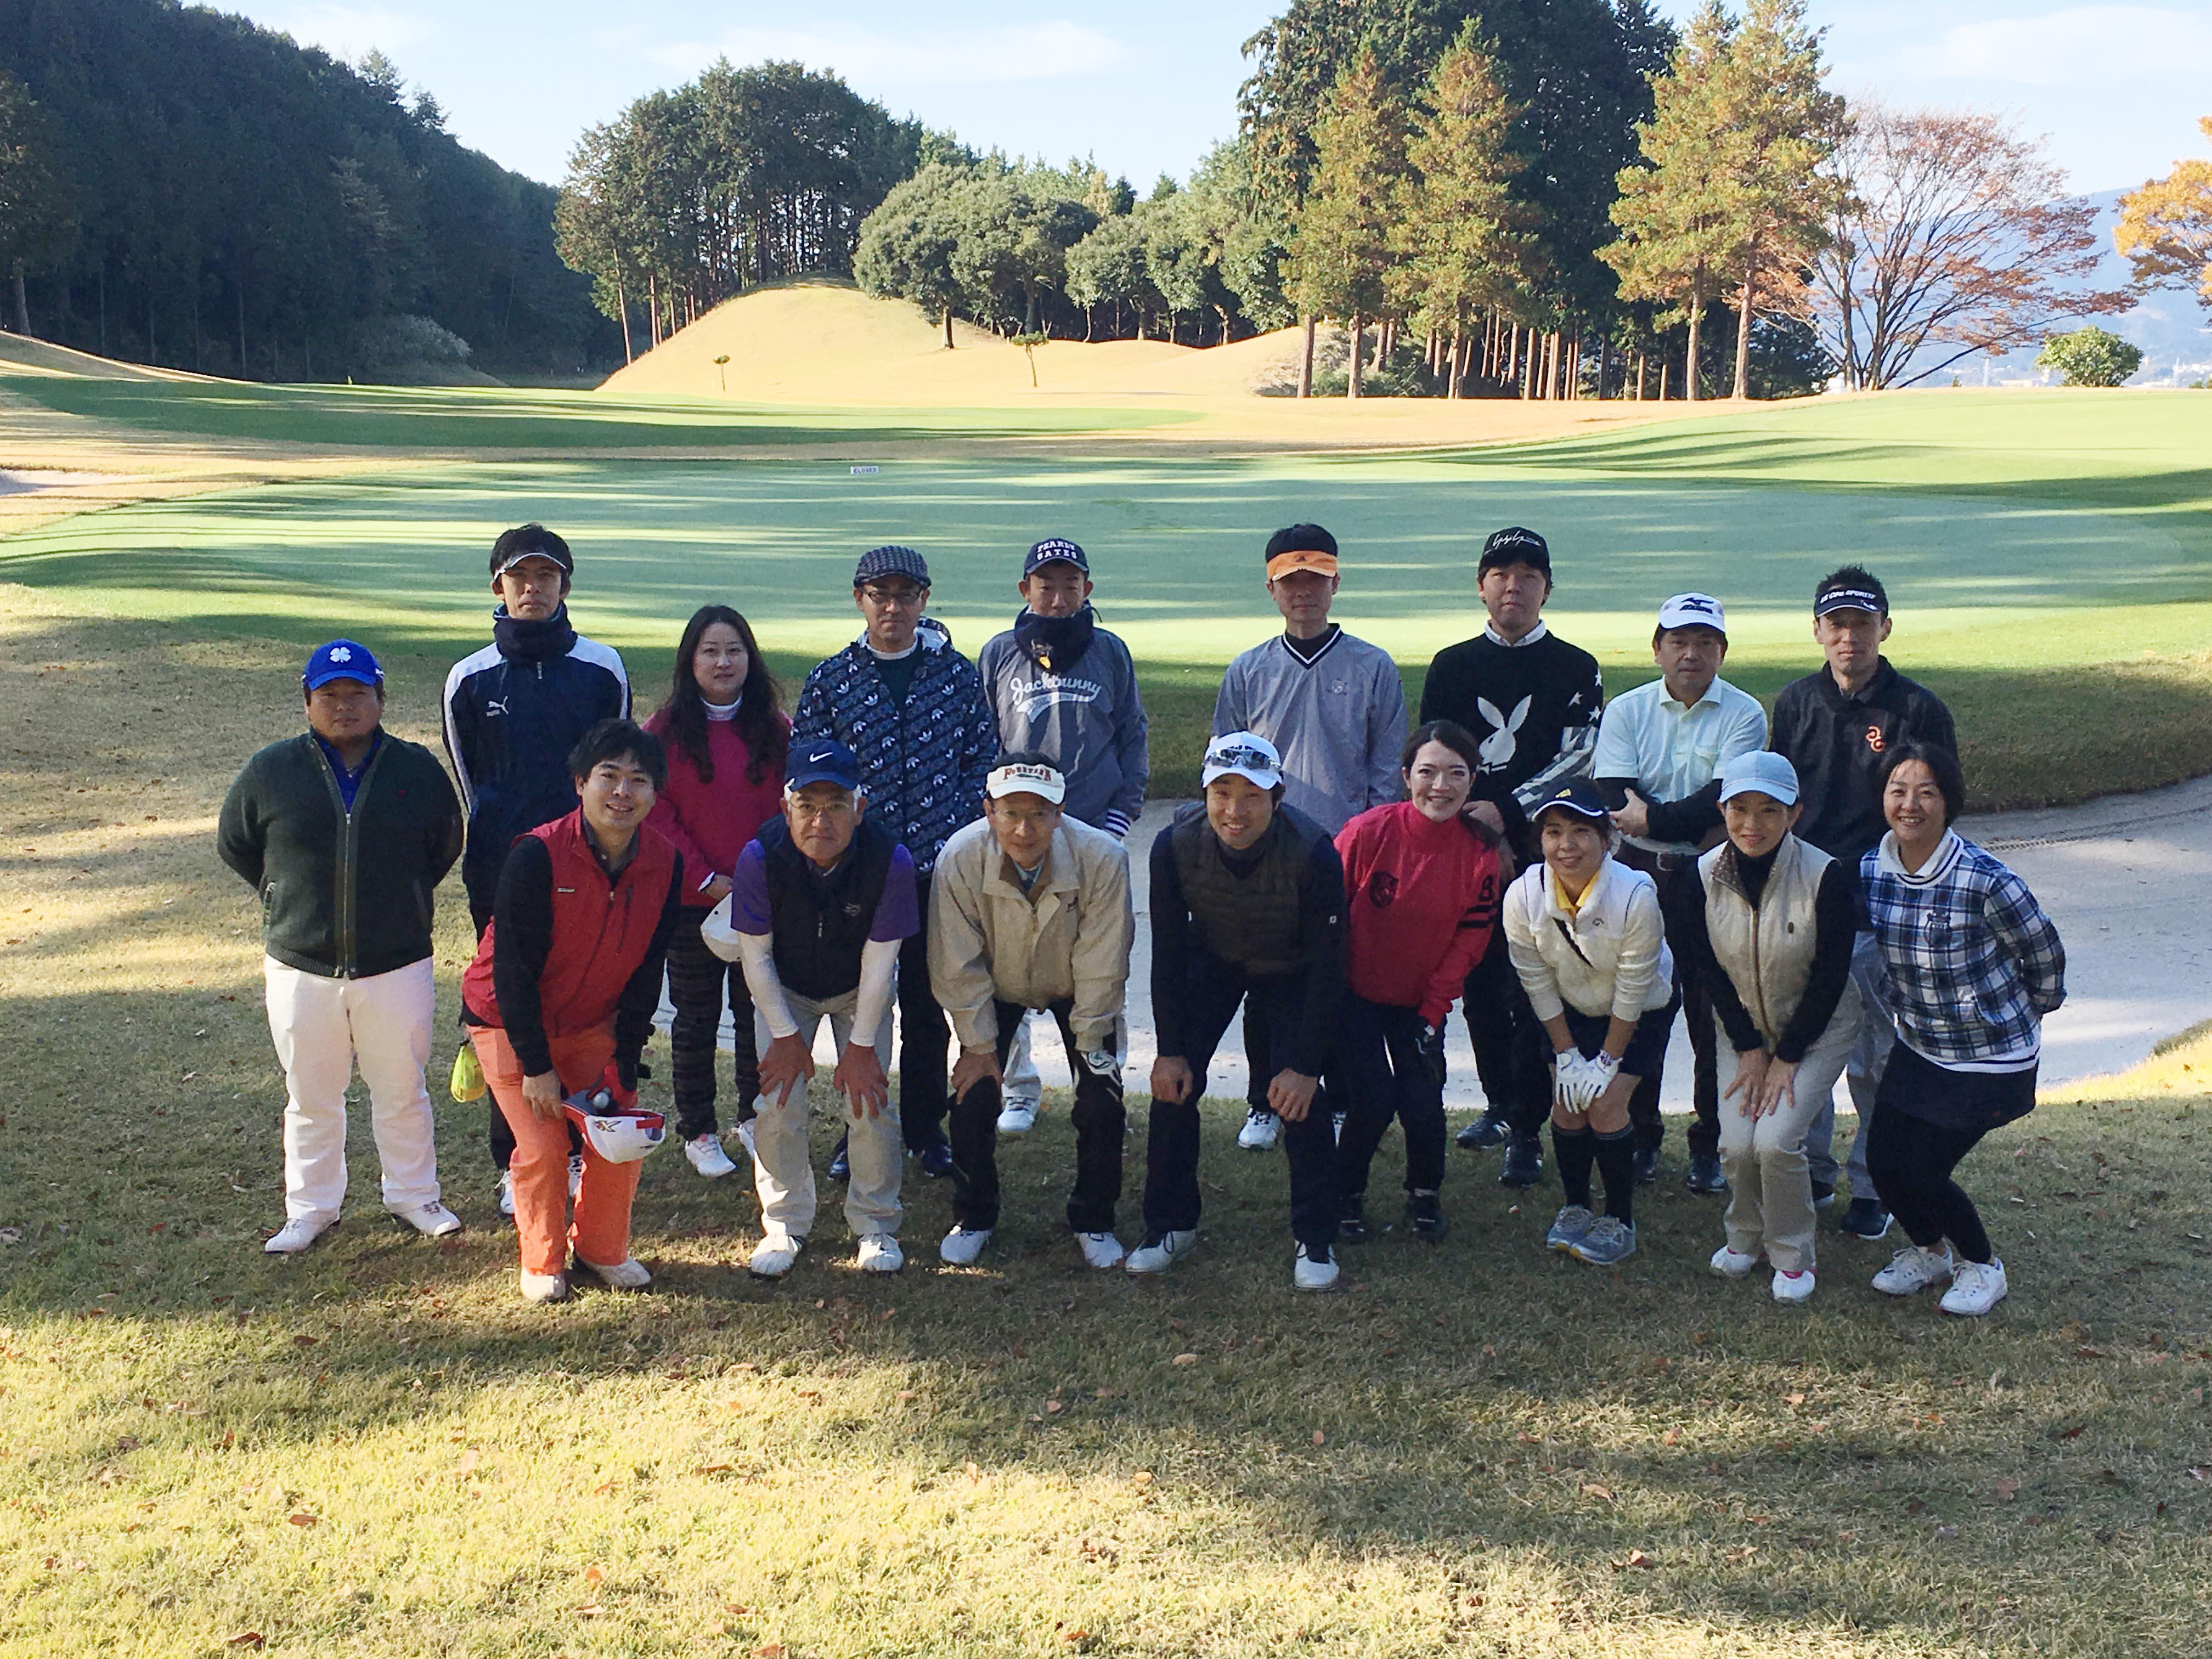 ゴルフ部。10~11月にコンペを行って楽しんでいます。